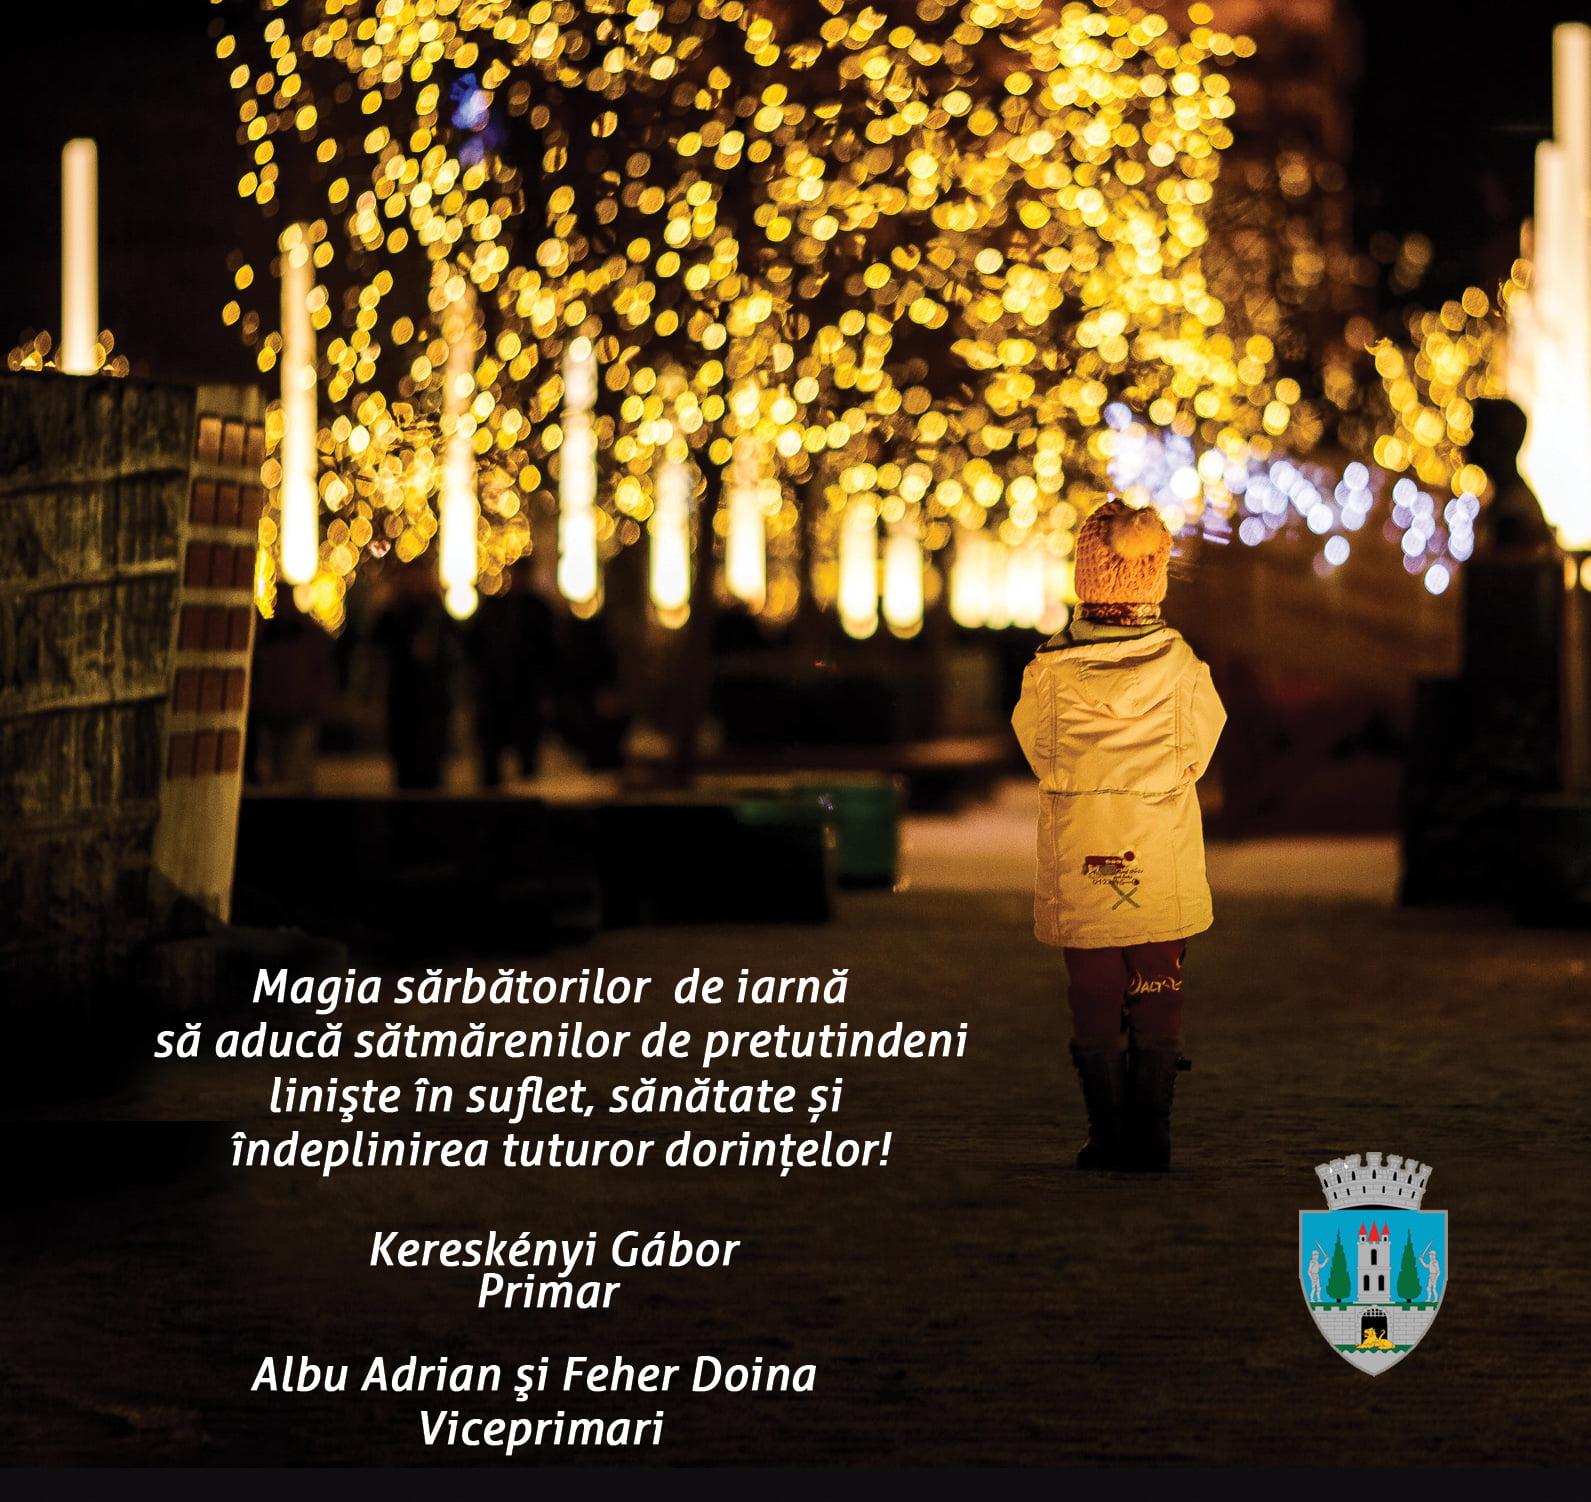 Mesajul de Crăciun al Primăriei Satu Mare